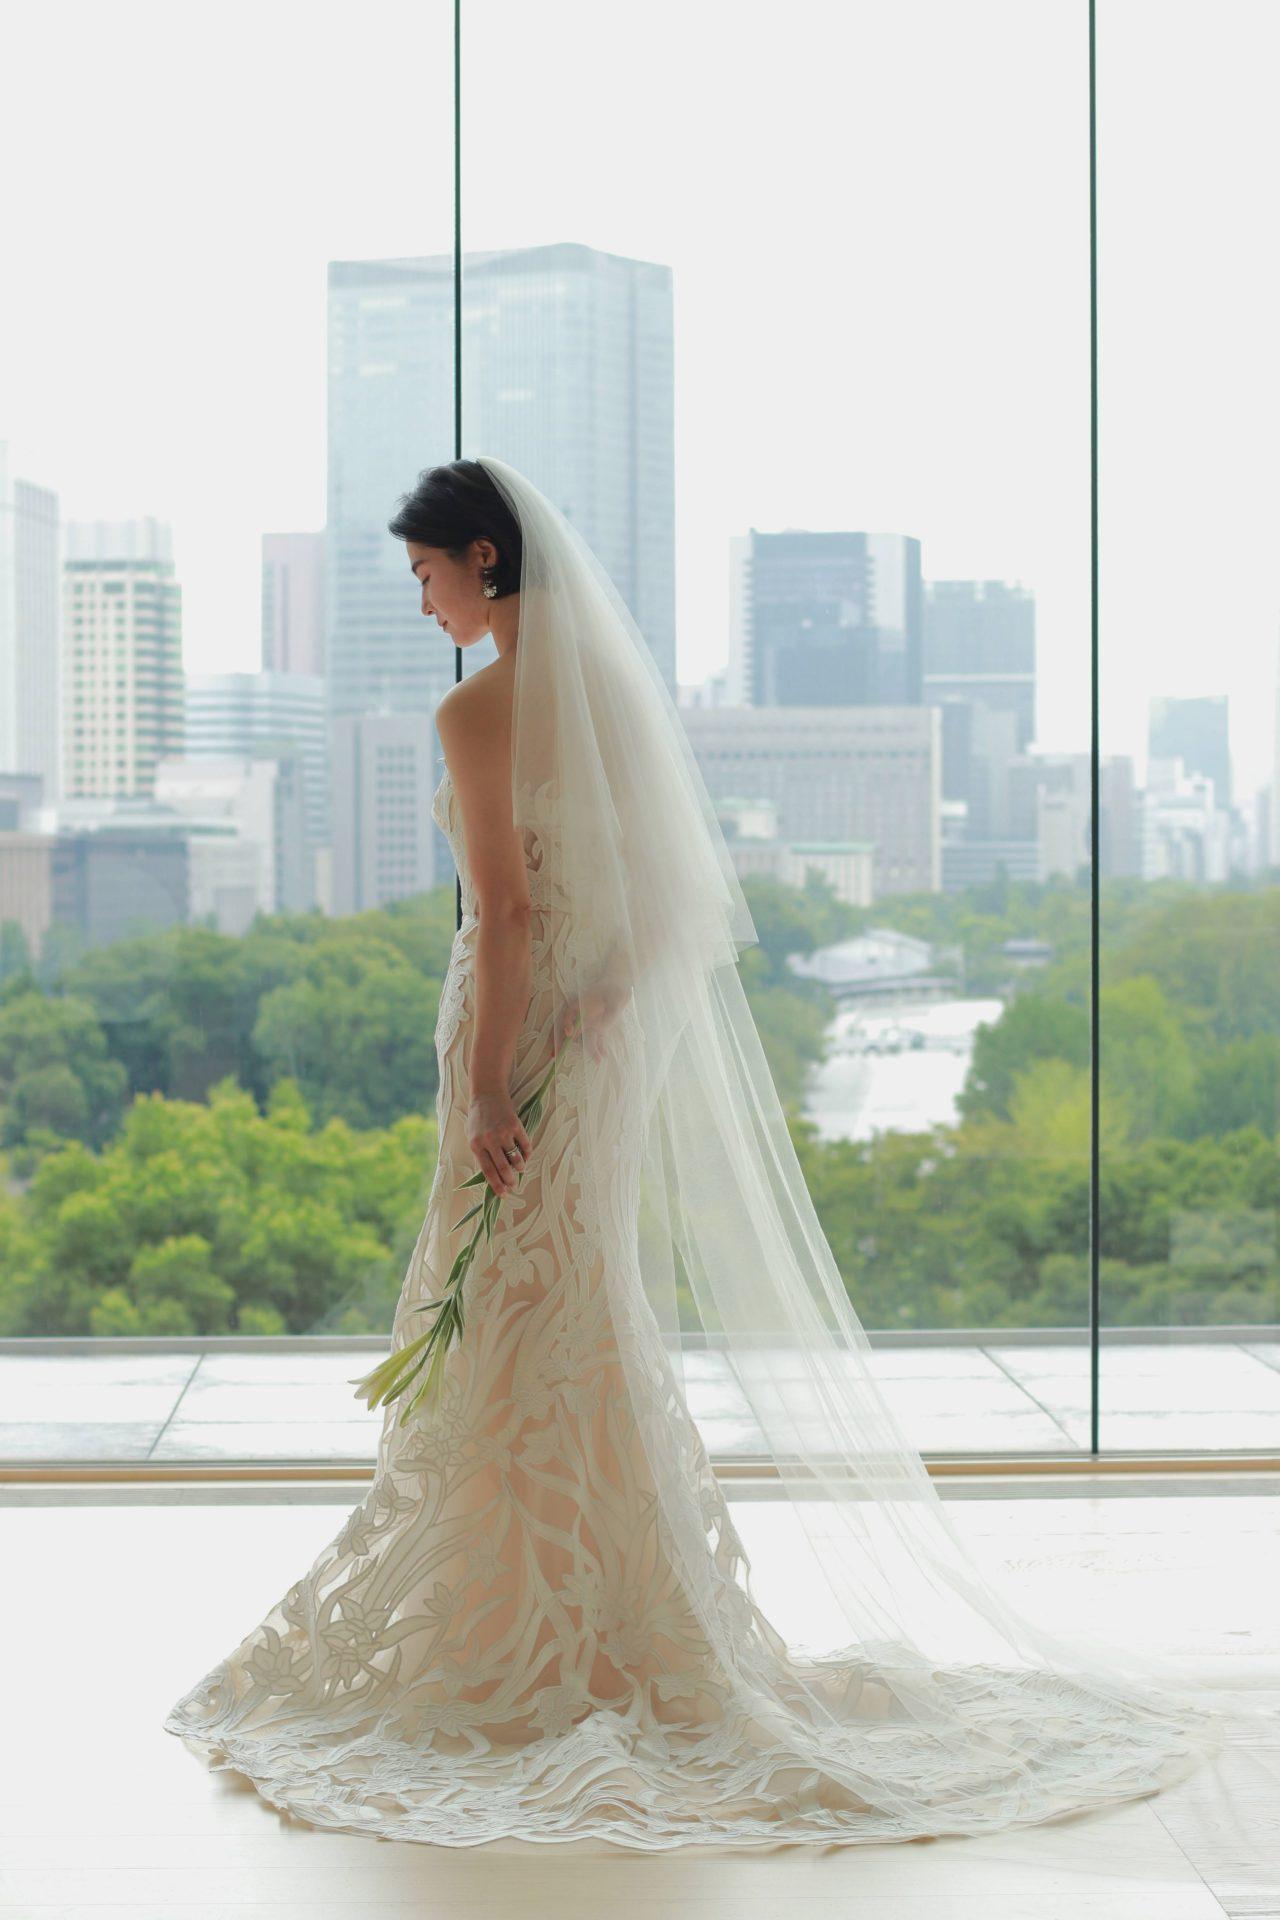 皇居と丸の内のビル群を目の前にしたパレスホテル東京のチャペルに総レースのマーメイドラインのウェディングドレスがマッチします